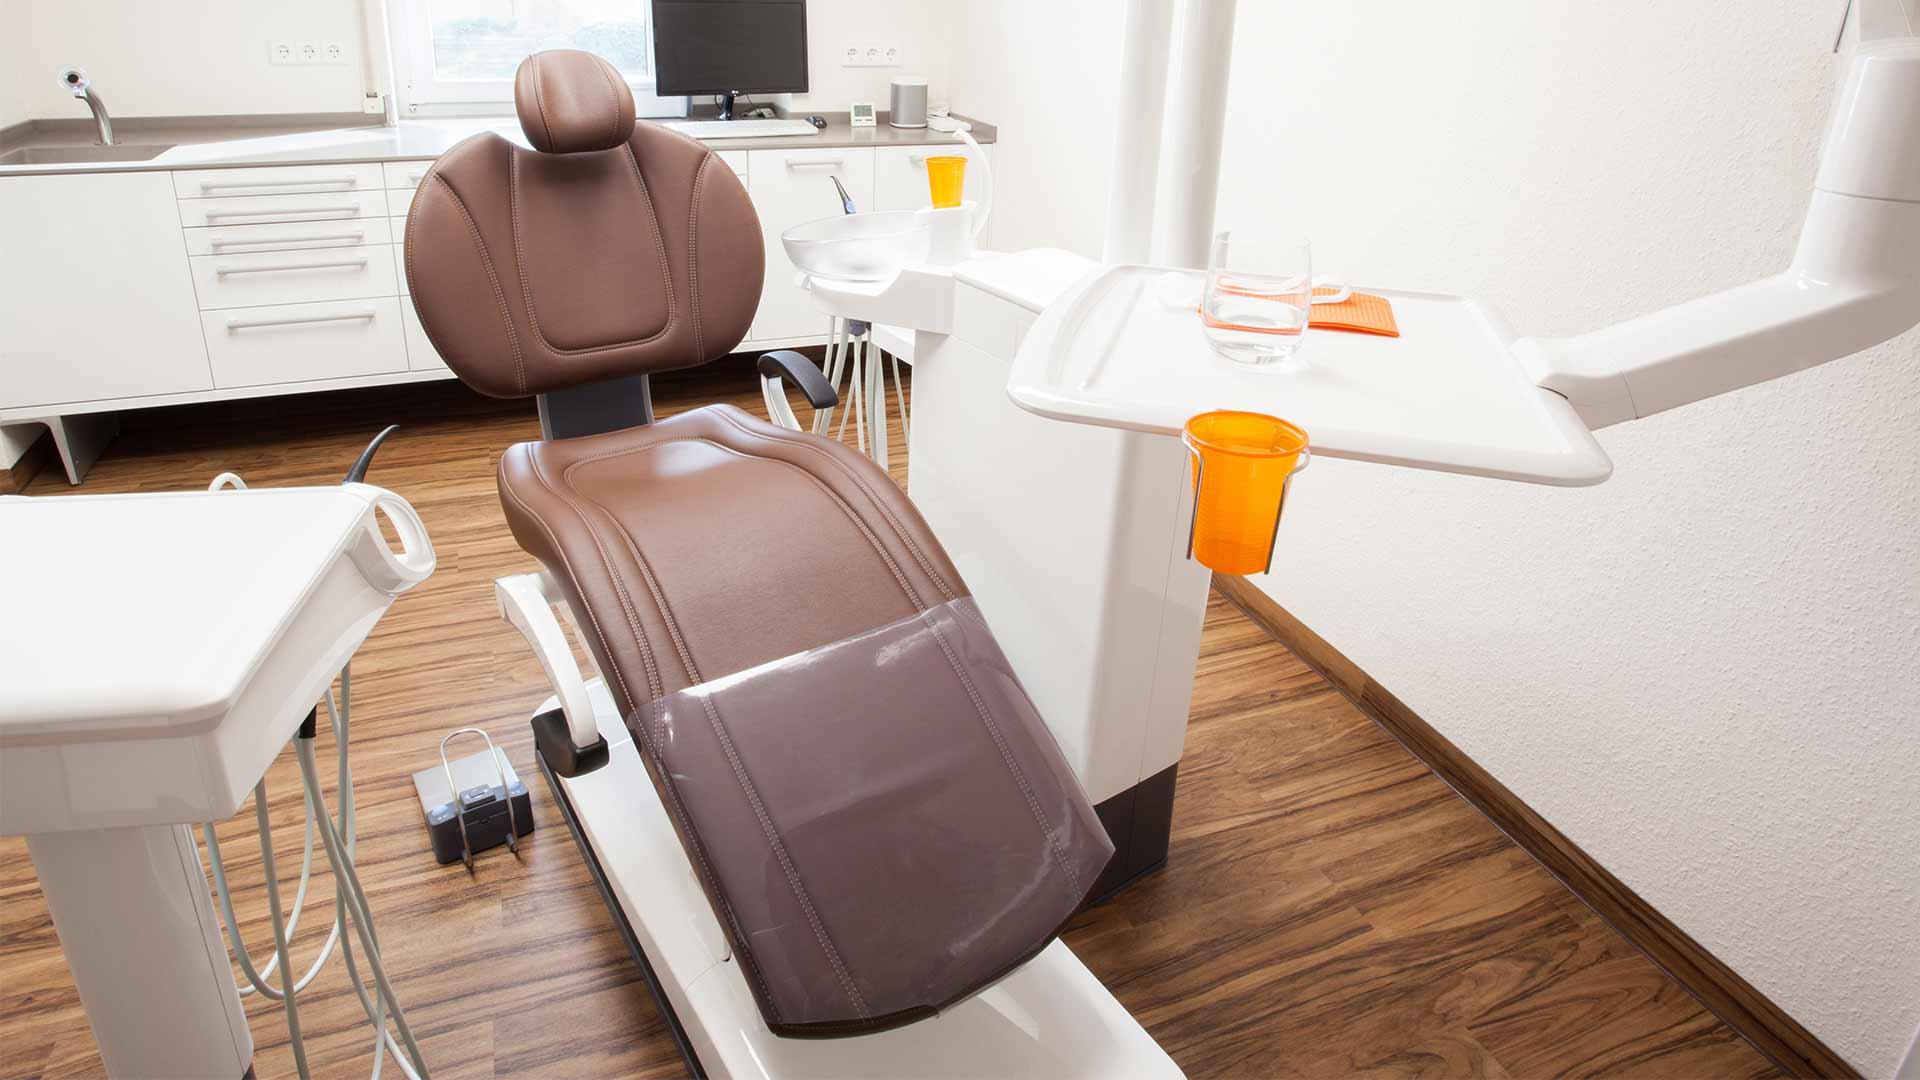 Behandlungsstuhl Zahnarzt Freiburg mundharmonie Zahngesundheit Prophylaxe